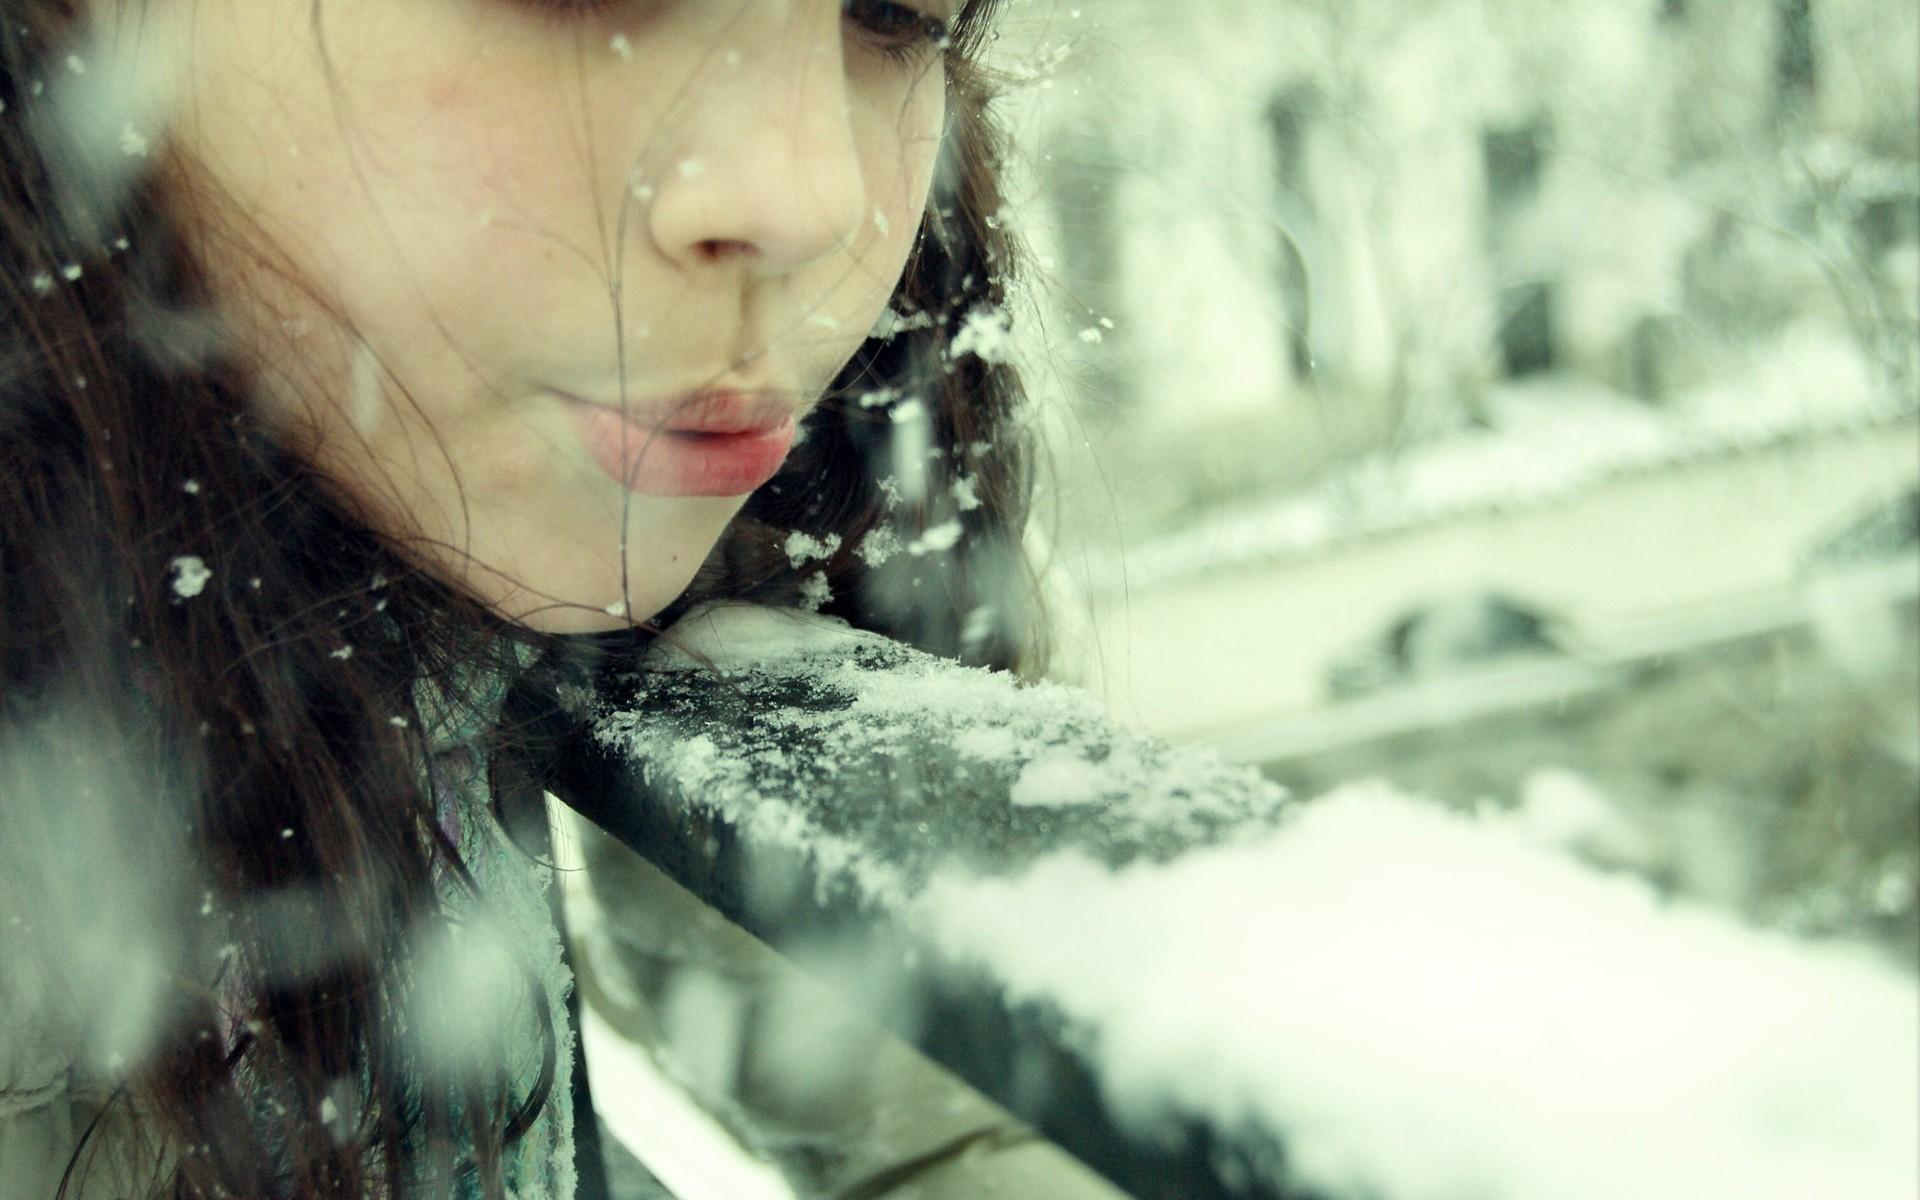 девушка брюнетка зима снег winter snow  № 2816666 бесплатно